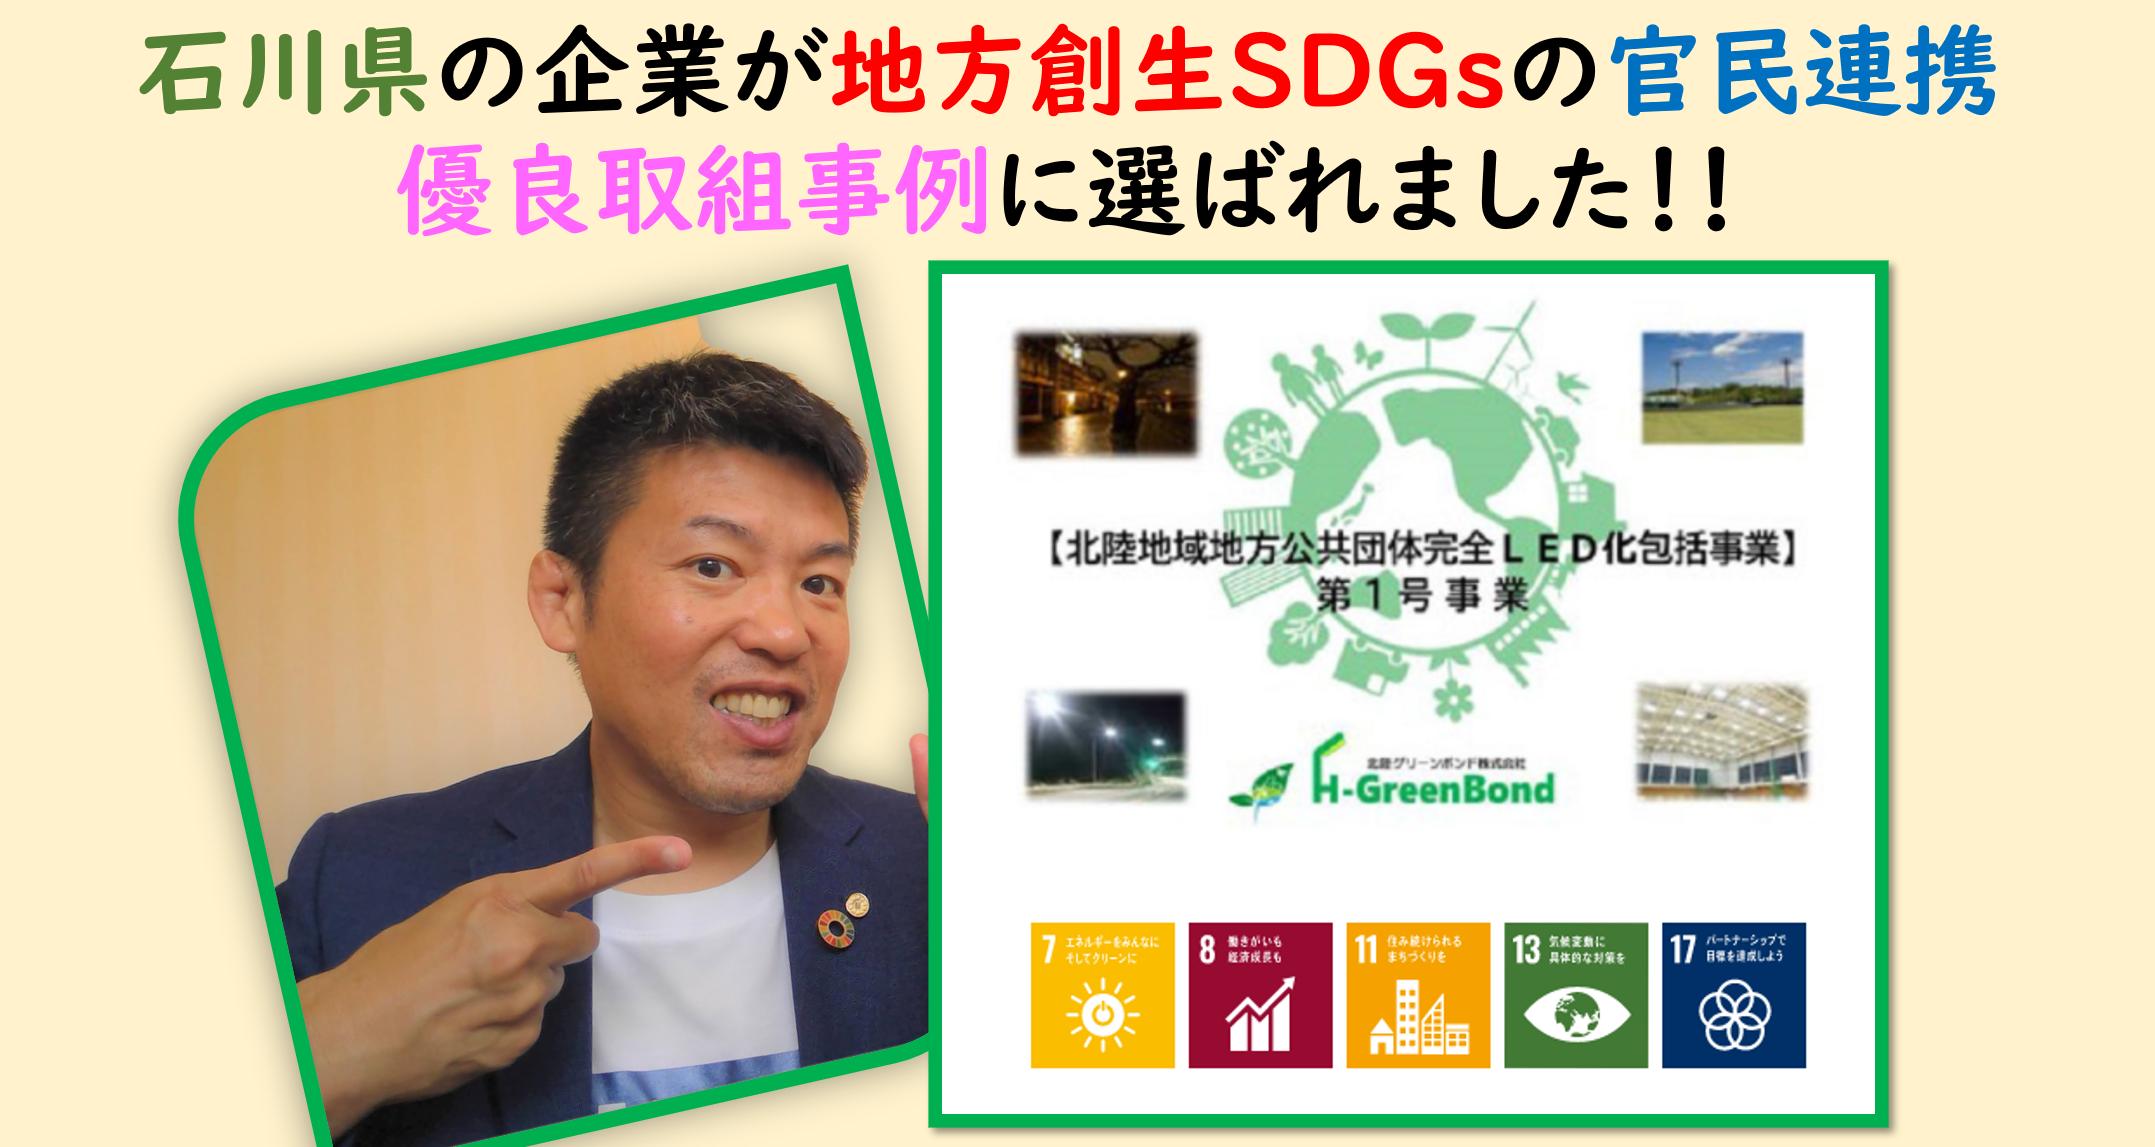 地方創生SDGs官民連携プラットフォーム 北陸グリーンボンド